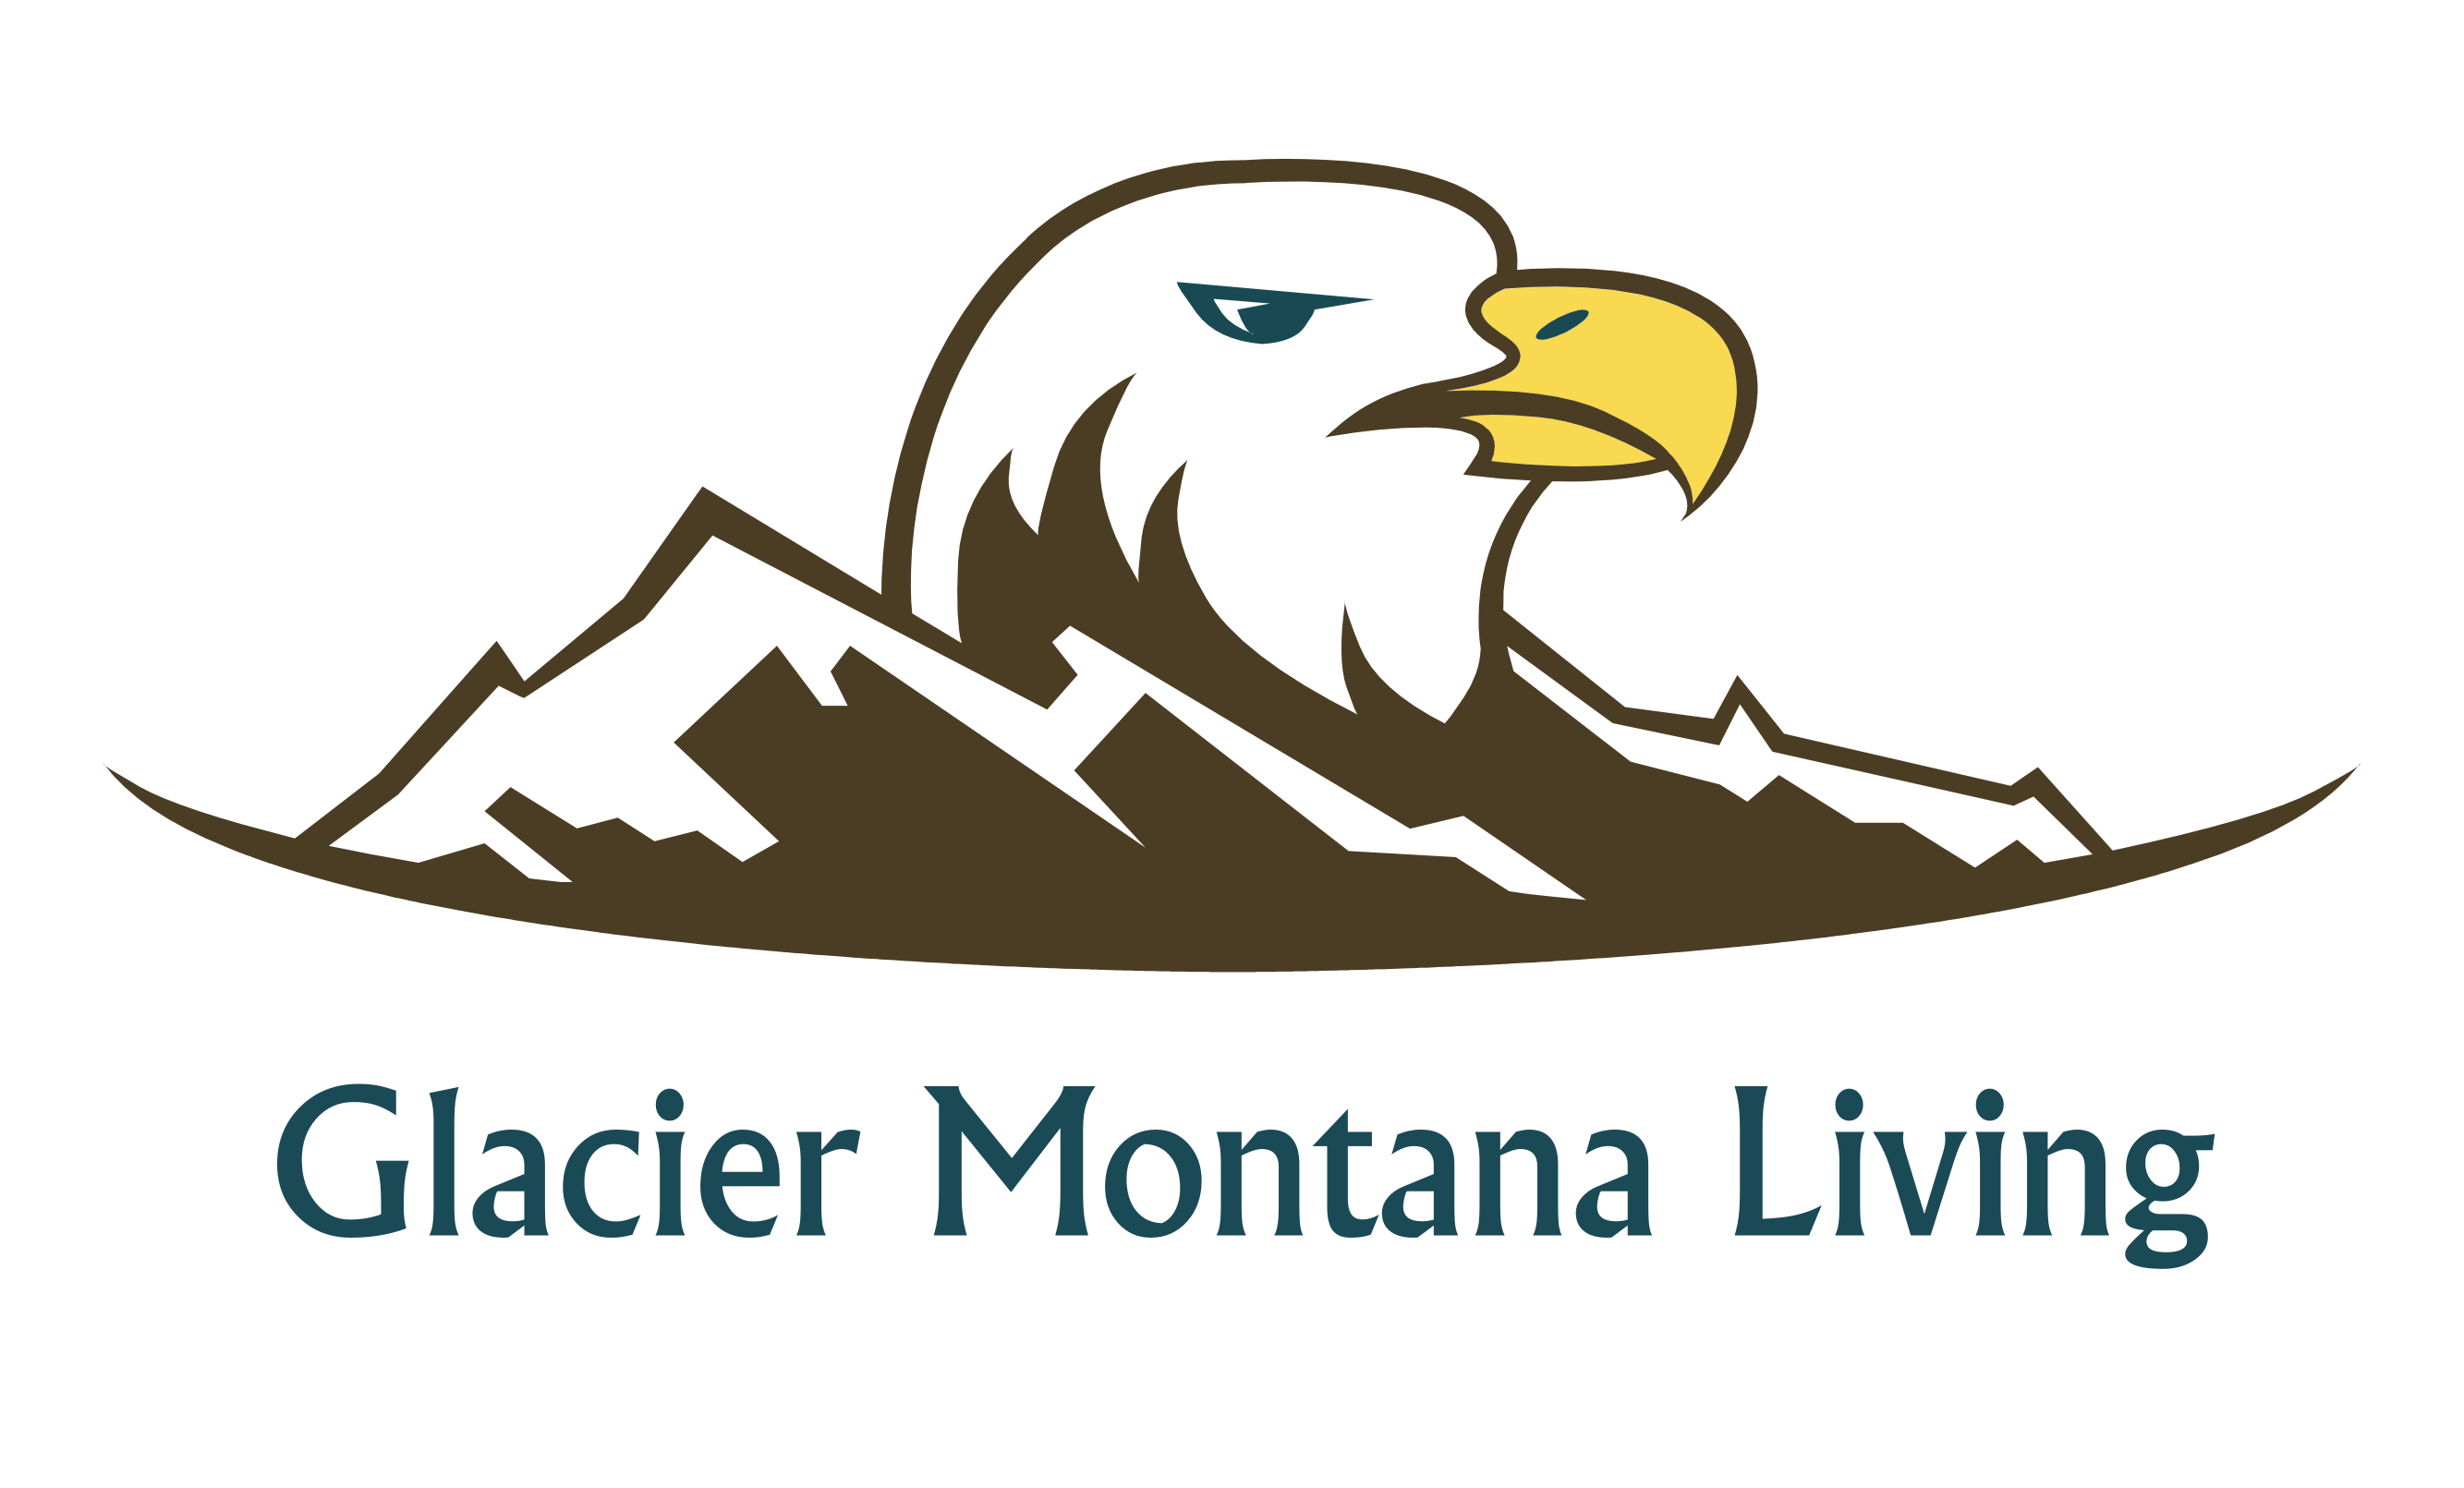 Montana pondera county ledger - Reset Password